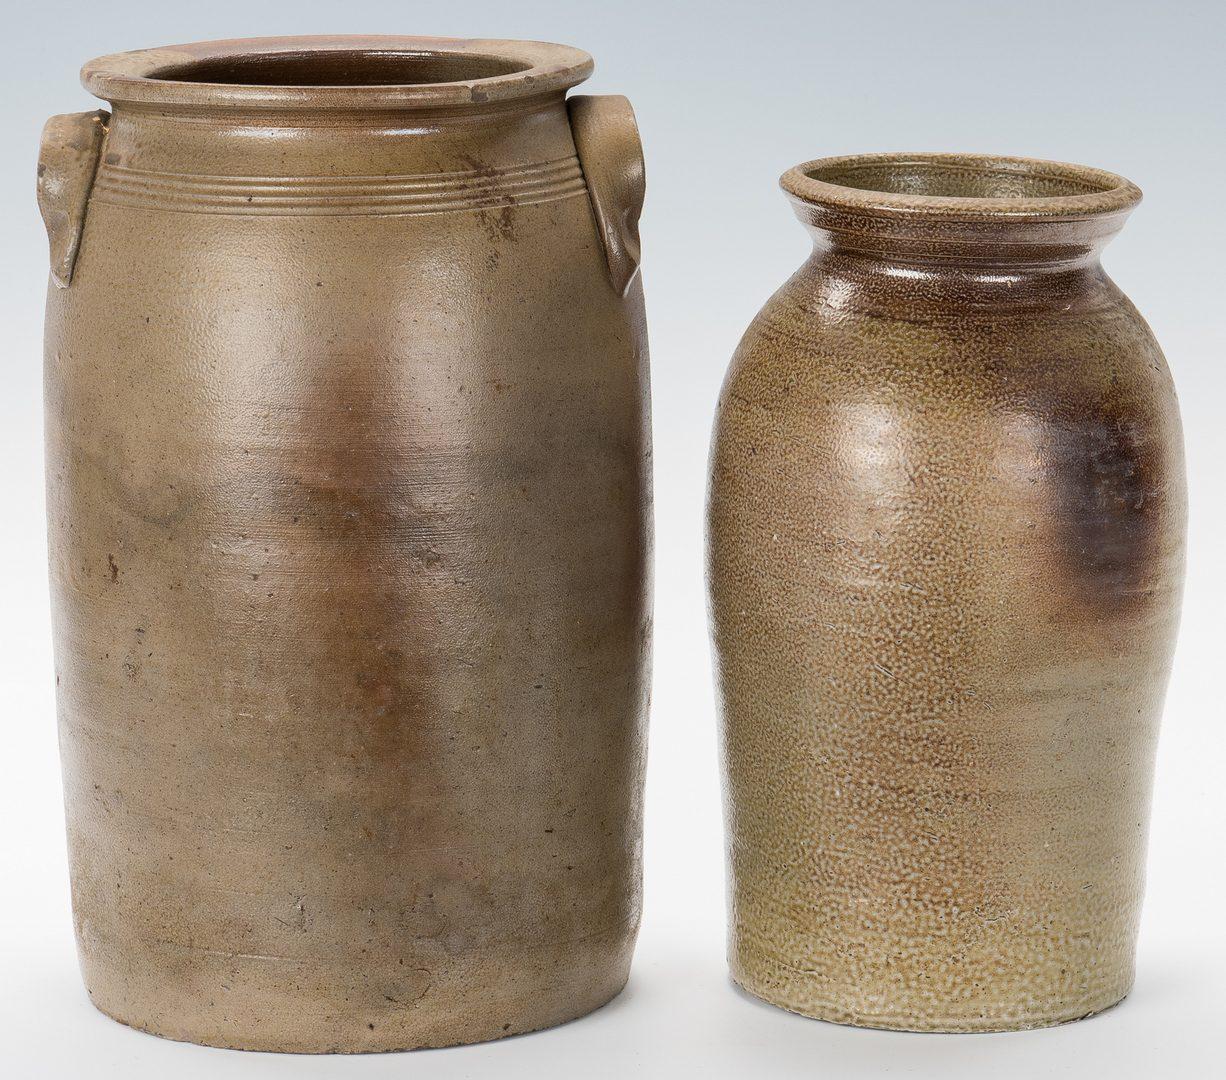 Lot 129: 4 NC Randolph County Stoneware Pottery Pcs.